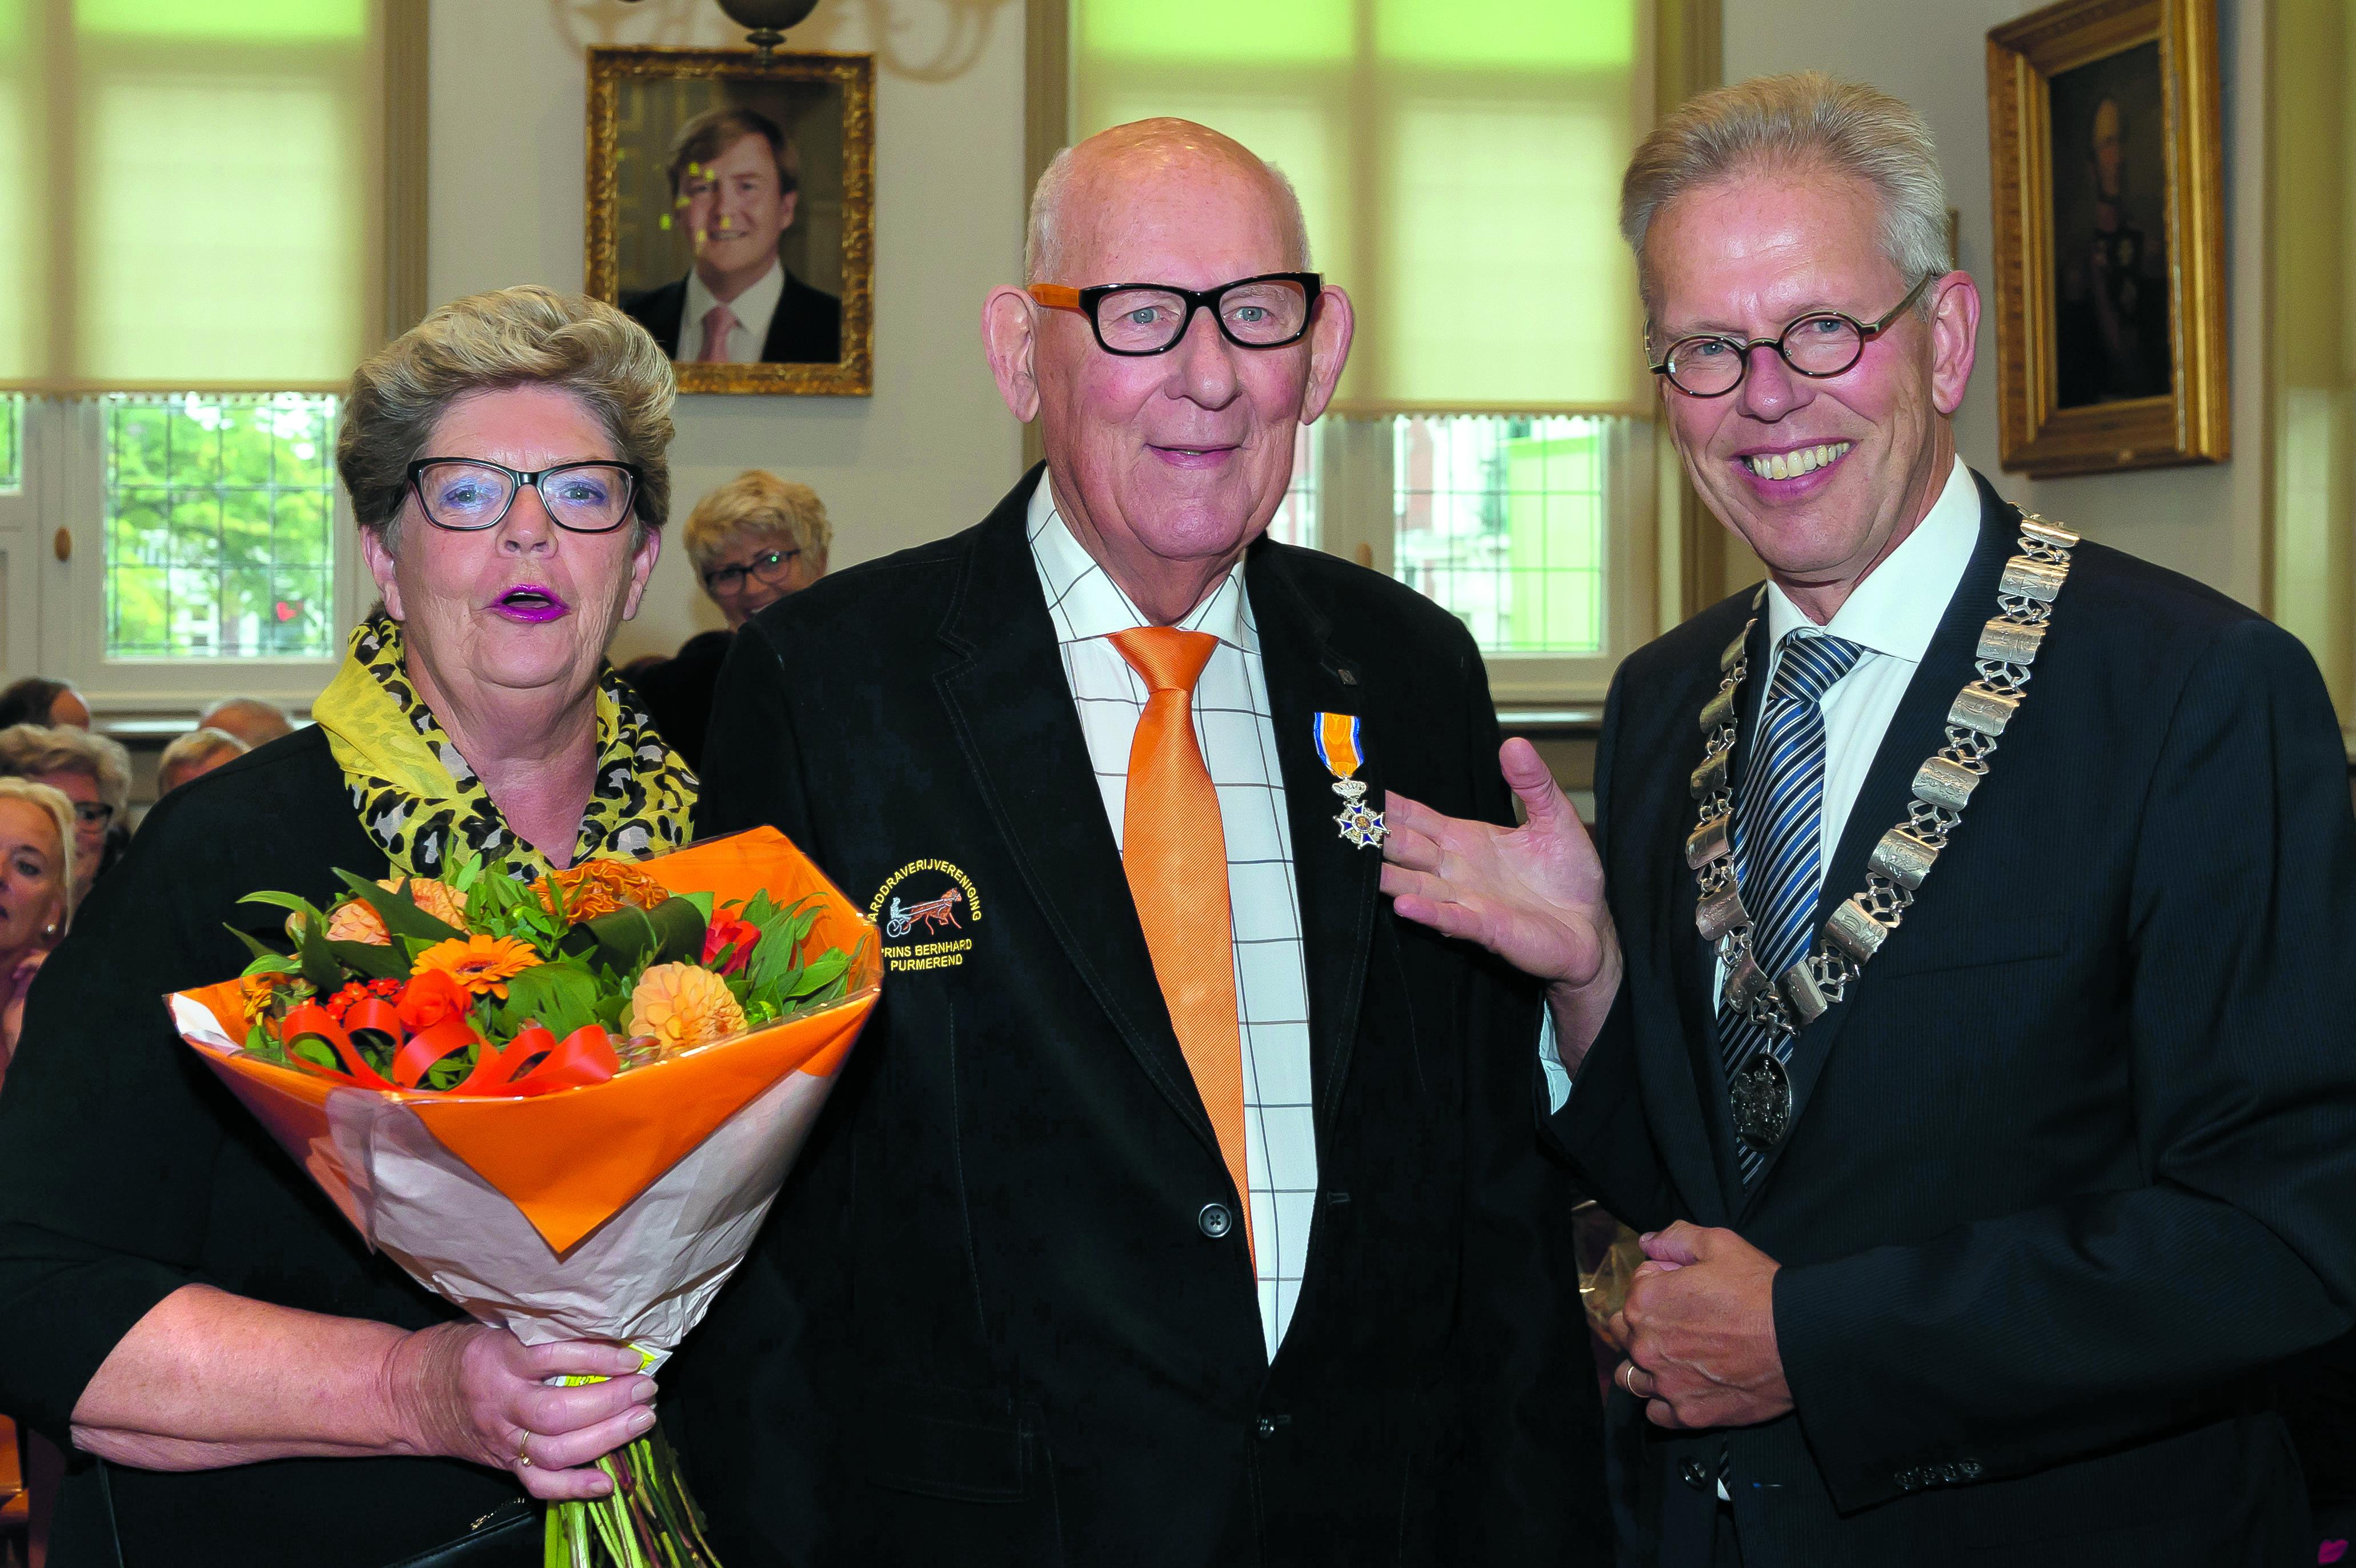 Jan Kuiper, hier samen met zijn Grada en burgemeester Don Bijl, reageerde ontroerd nadat hem de versierselen waren opgespeld. (Foto: Han Giskes)